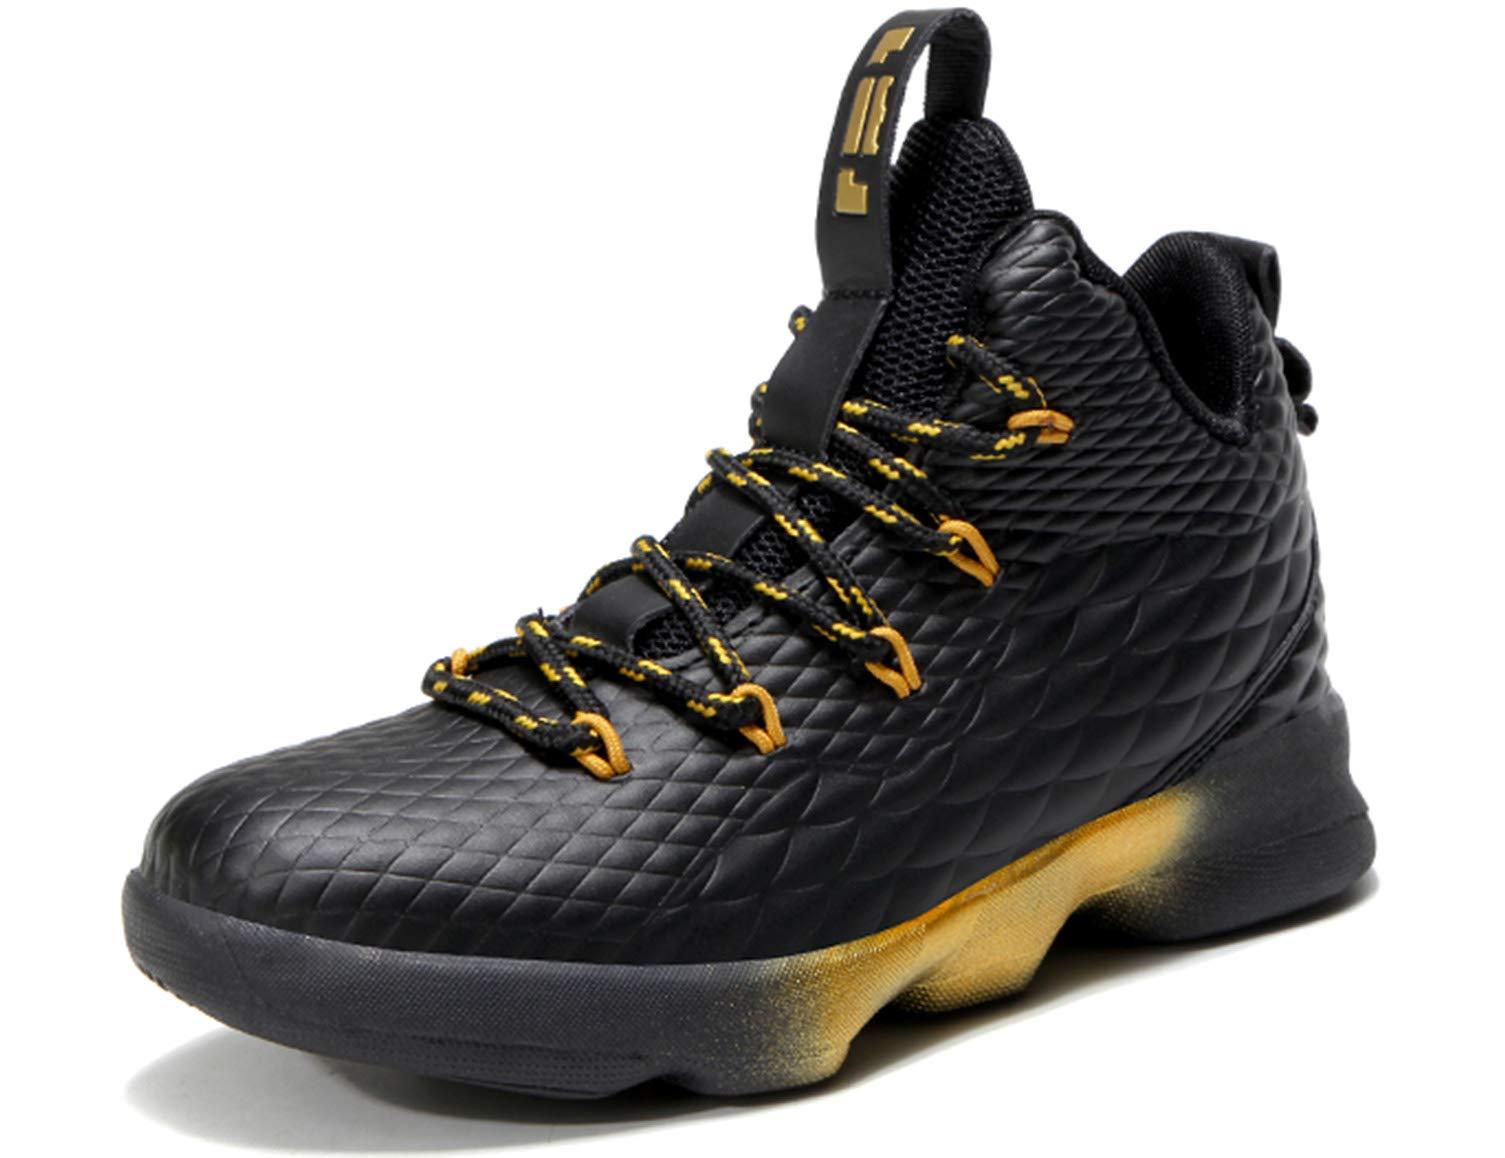 4a39cab6 SINOES Hombre Mujer Zapatillas de Baloncesto Calzado Deportivo Al Aire  Libre High-Top Sneaker Antideslizante